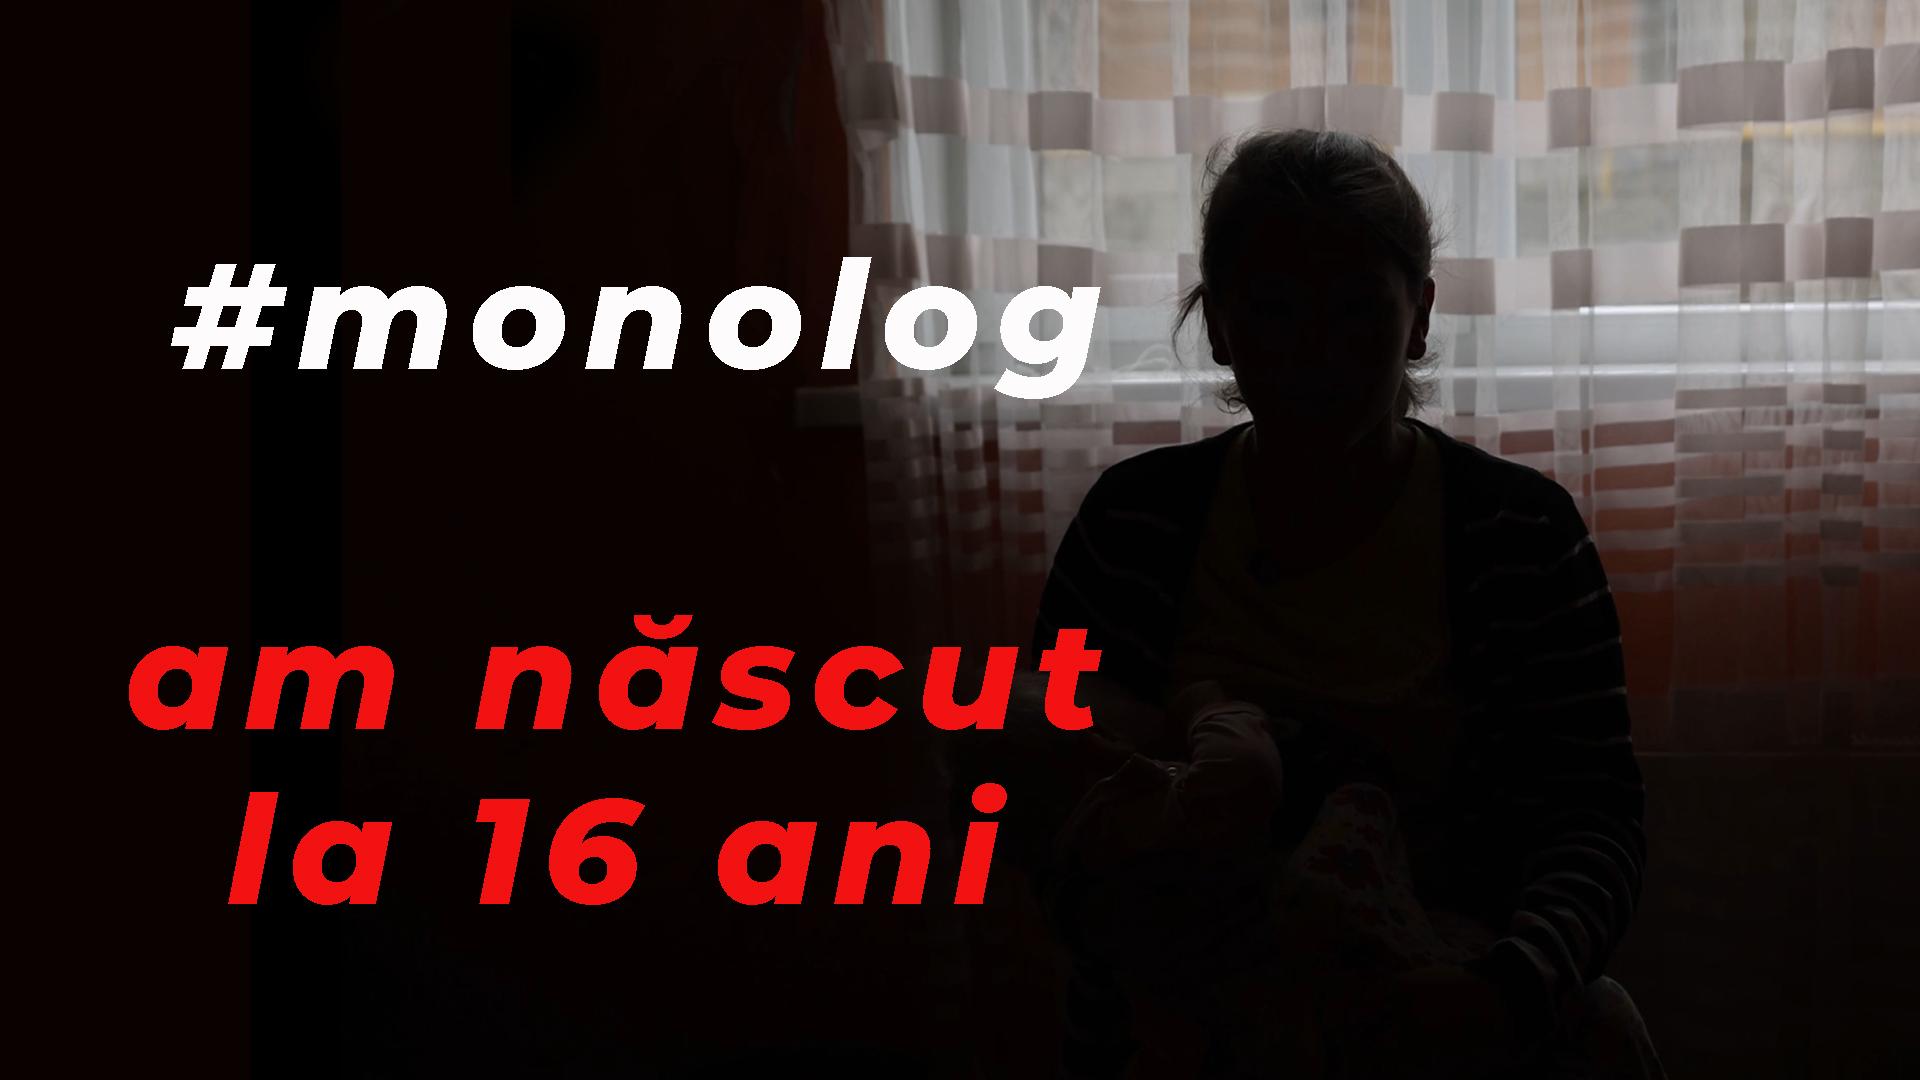 Foto: Am născut la 16 ani: # monolog-ul unei mame minore